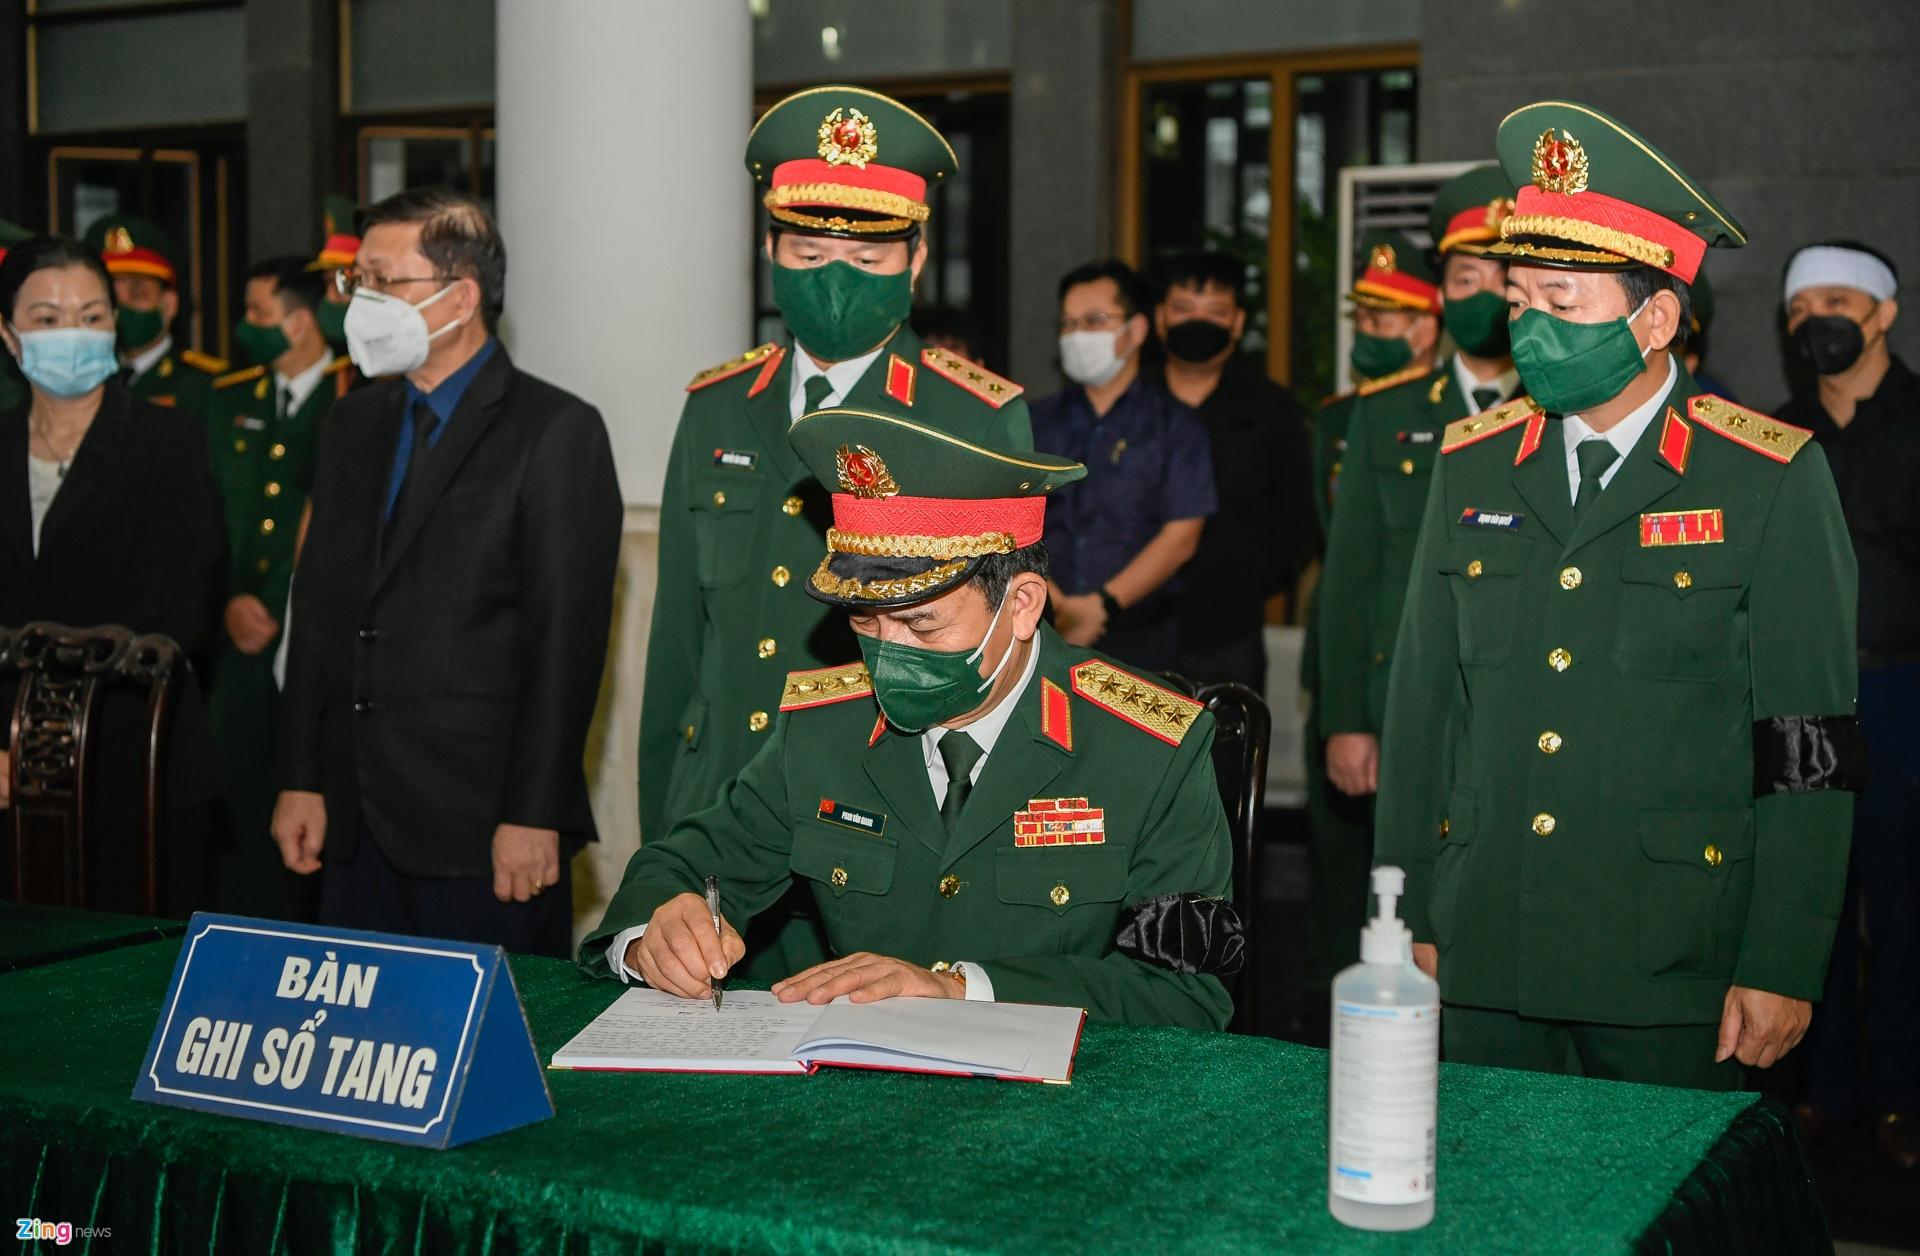 Le tang Dai tuong Phung Quang Thanh anh 6